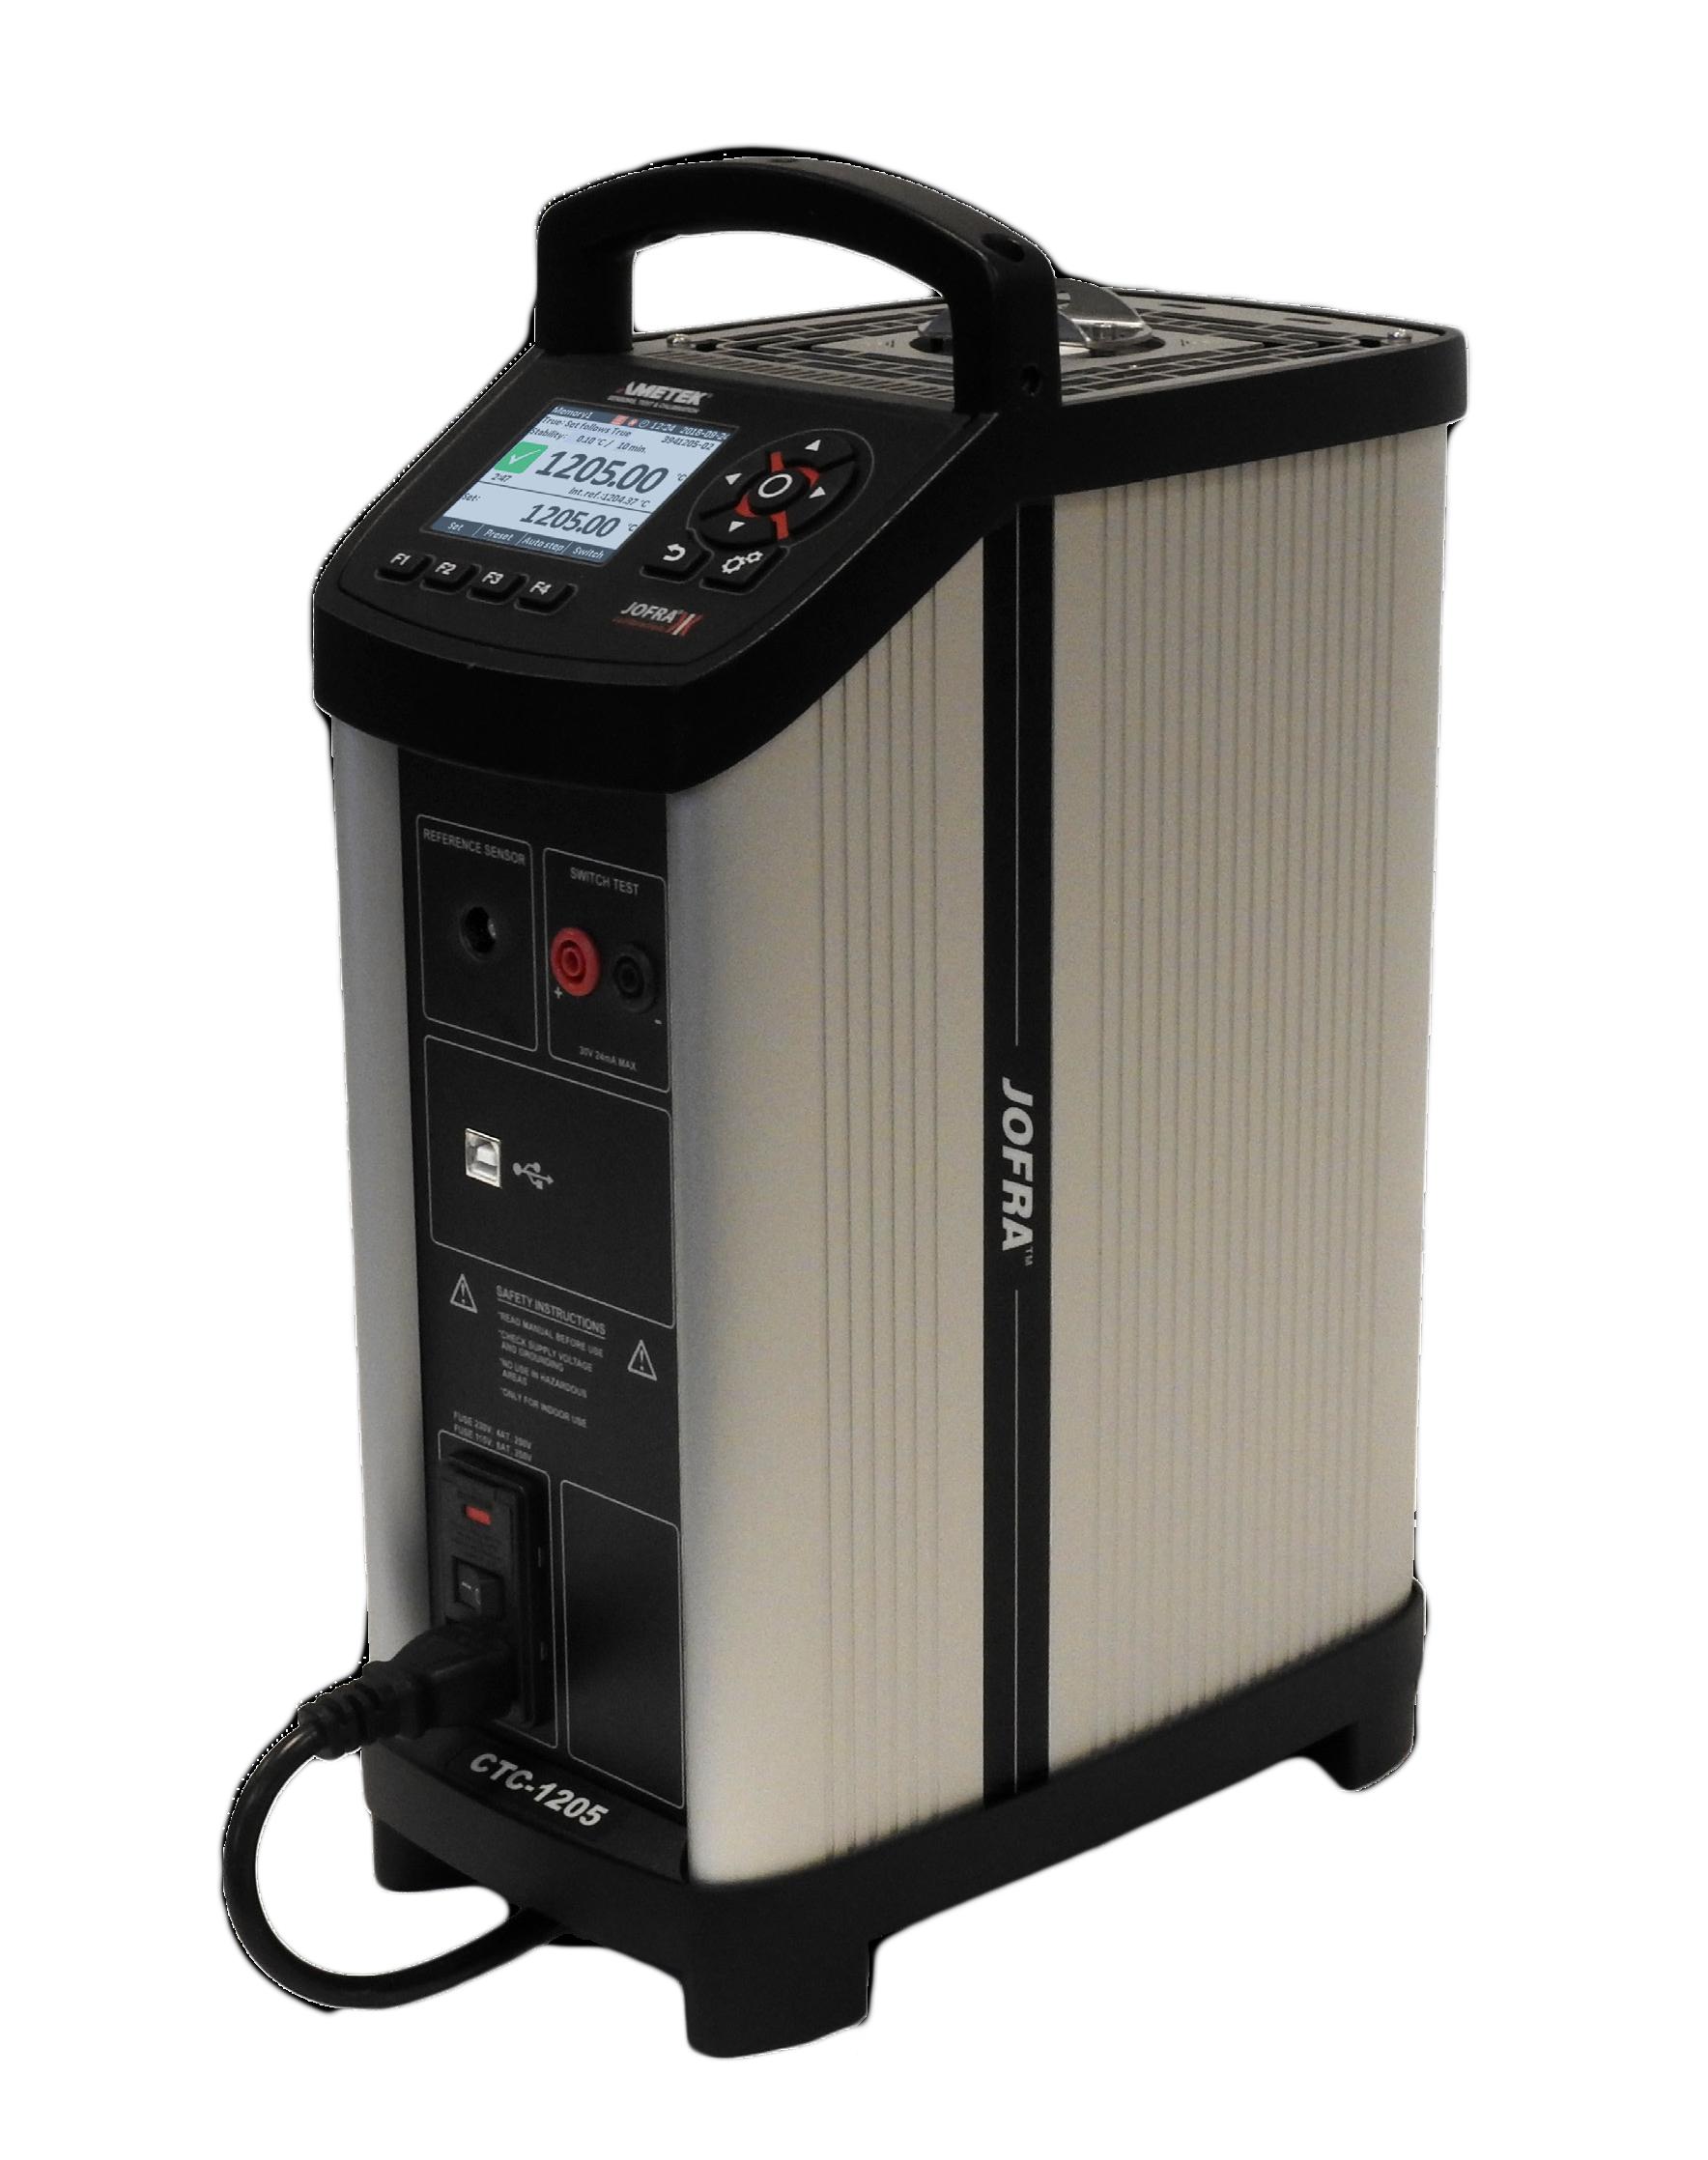 Ametek Jofra CTC1205 Dryblock Temperature Calibrator